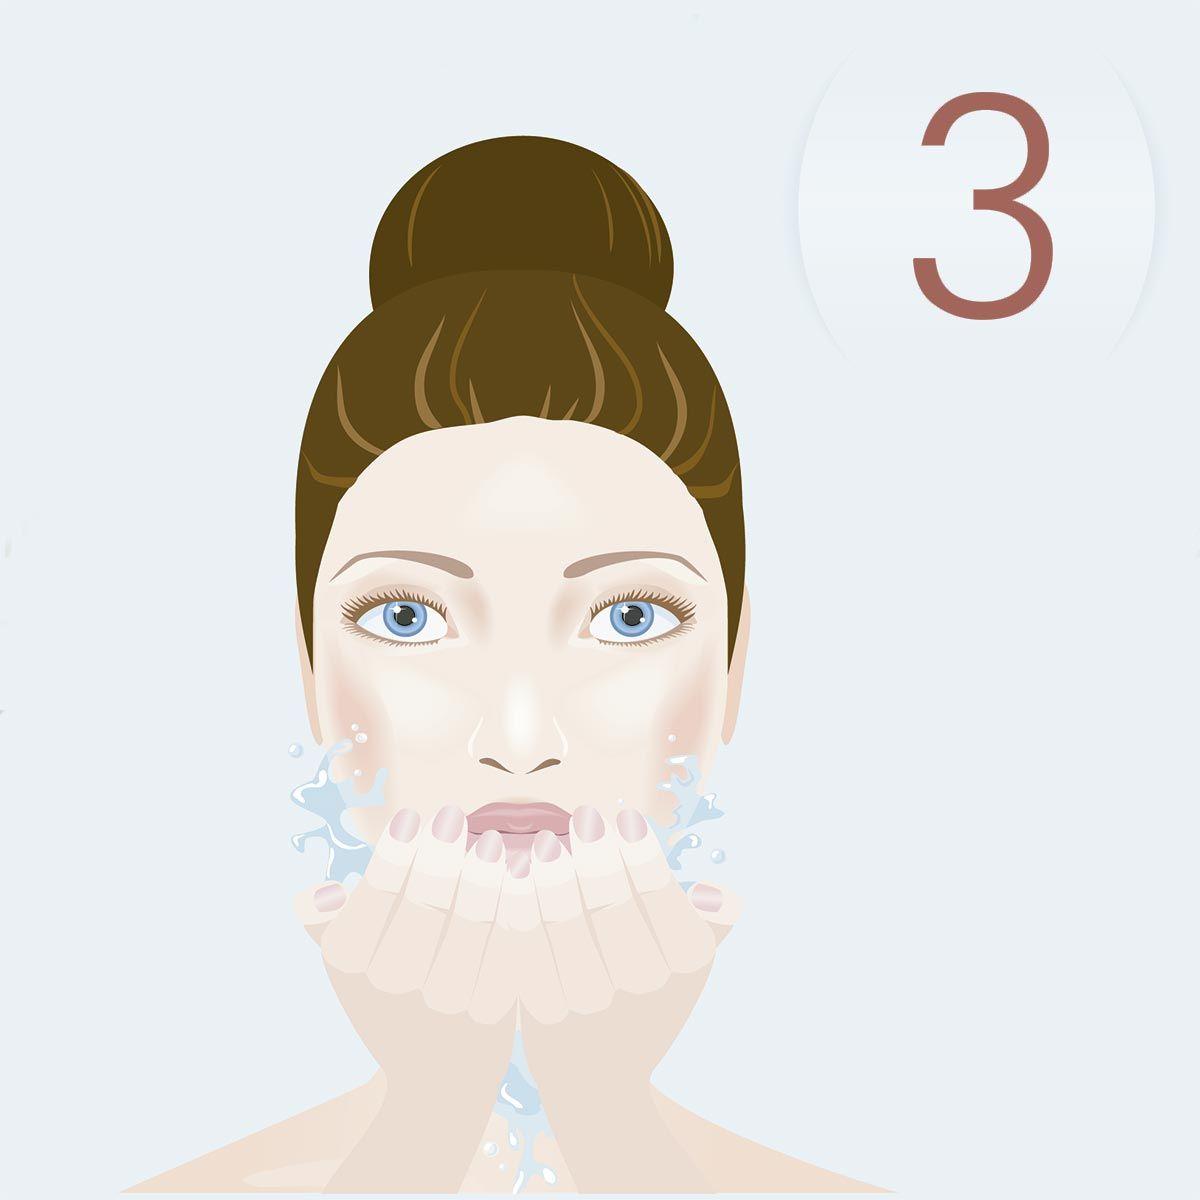 cuidado facial - paso 3